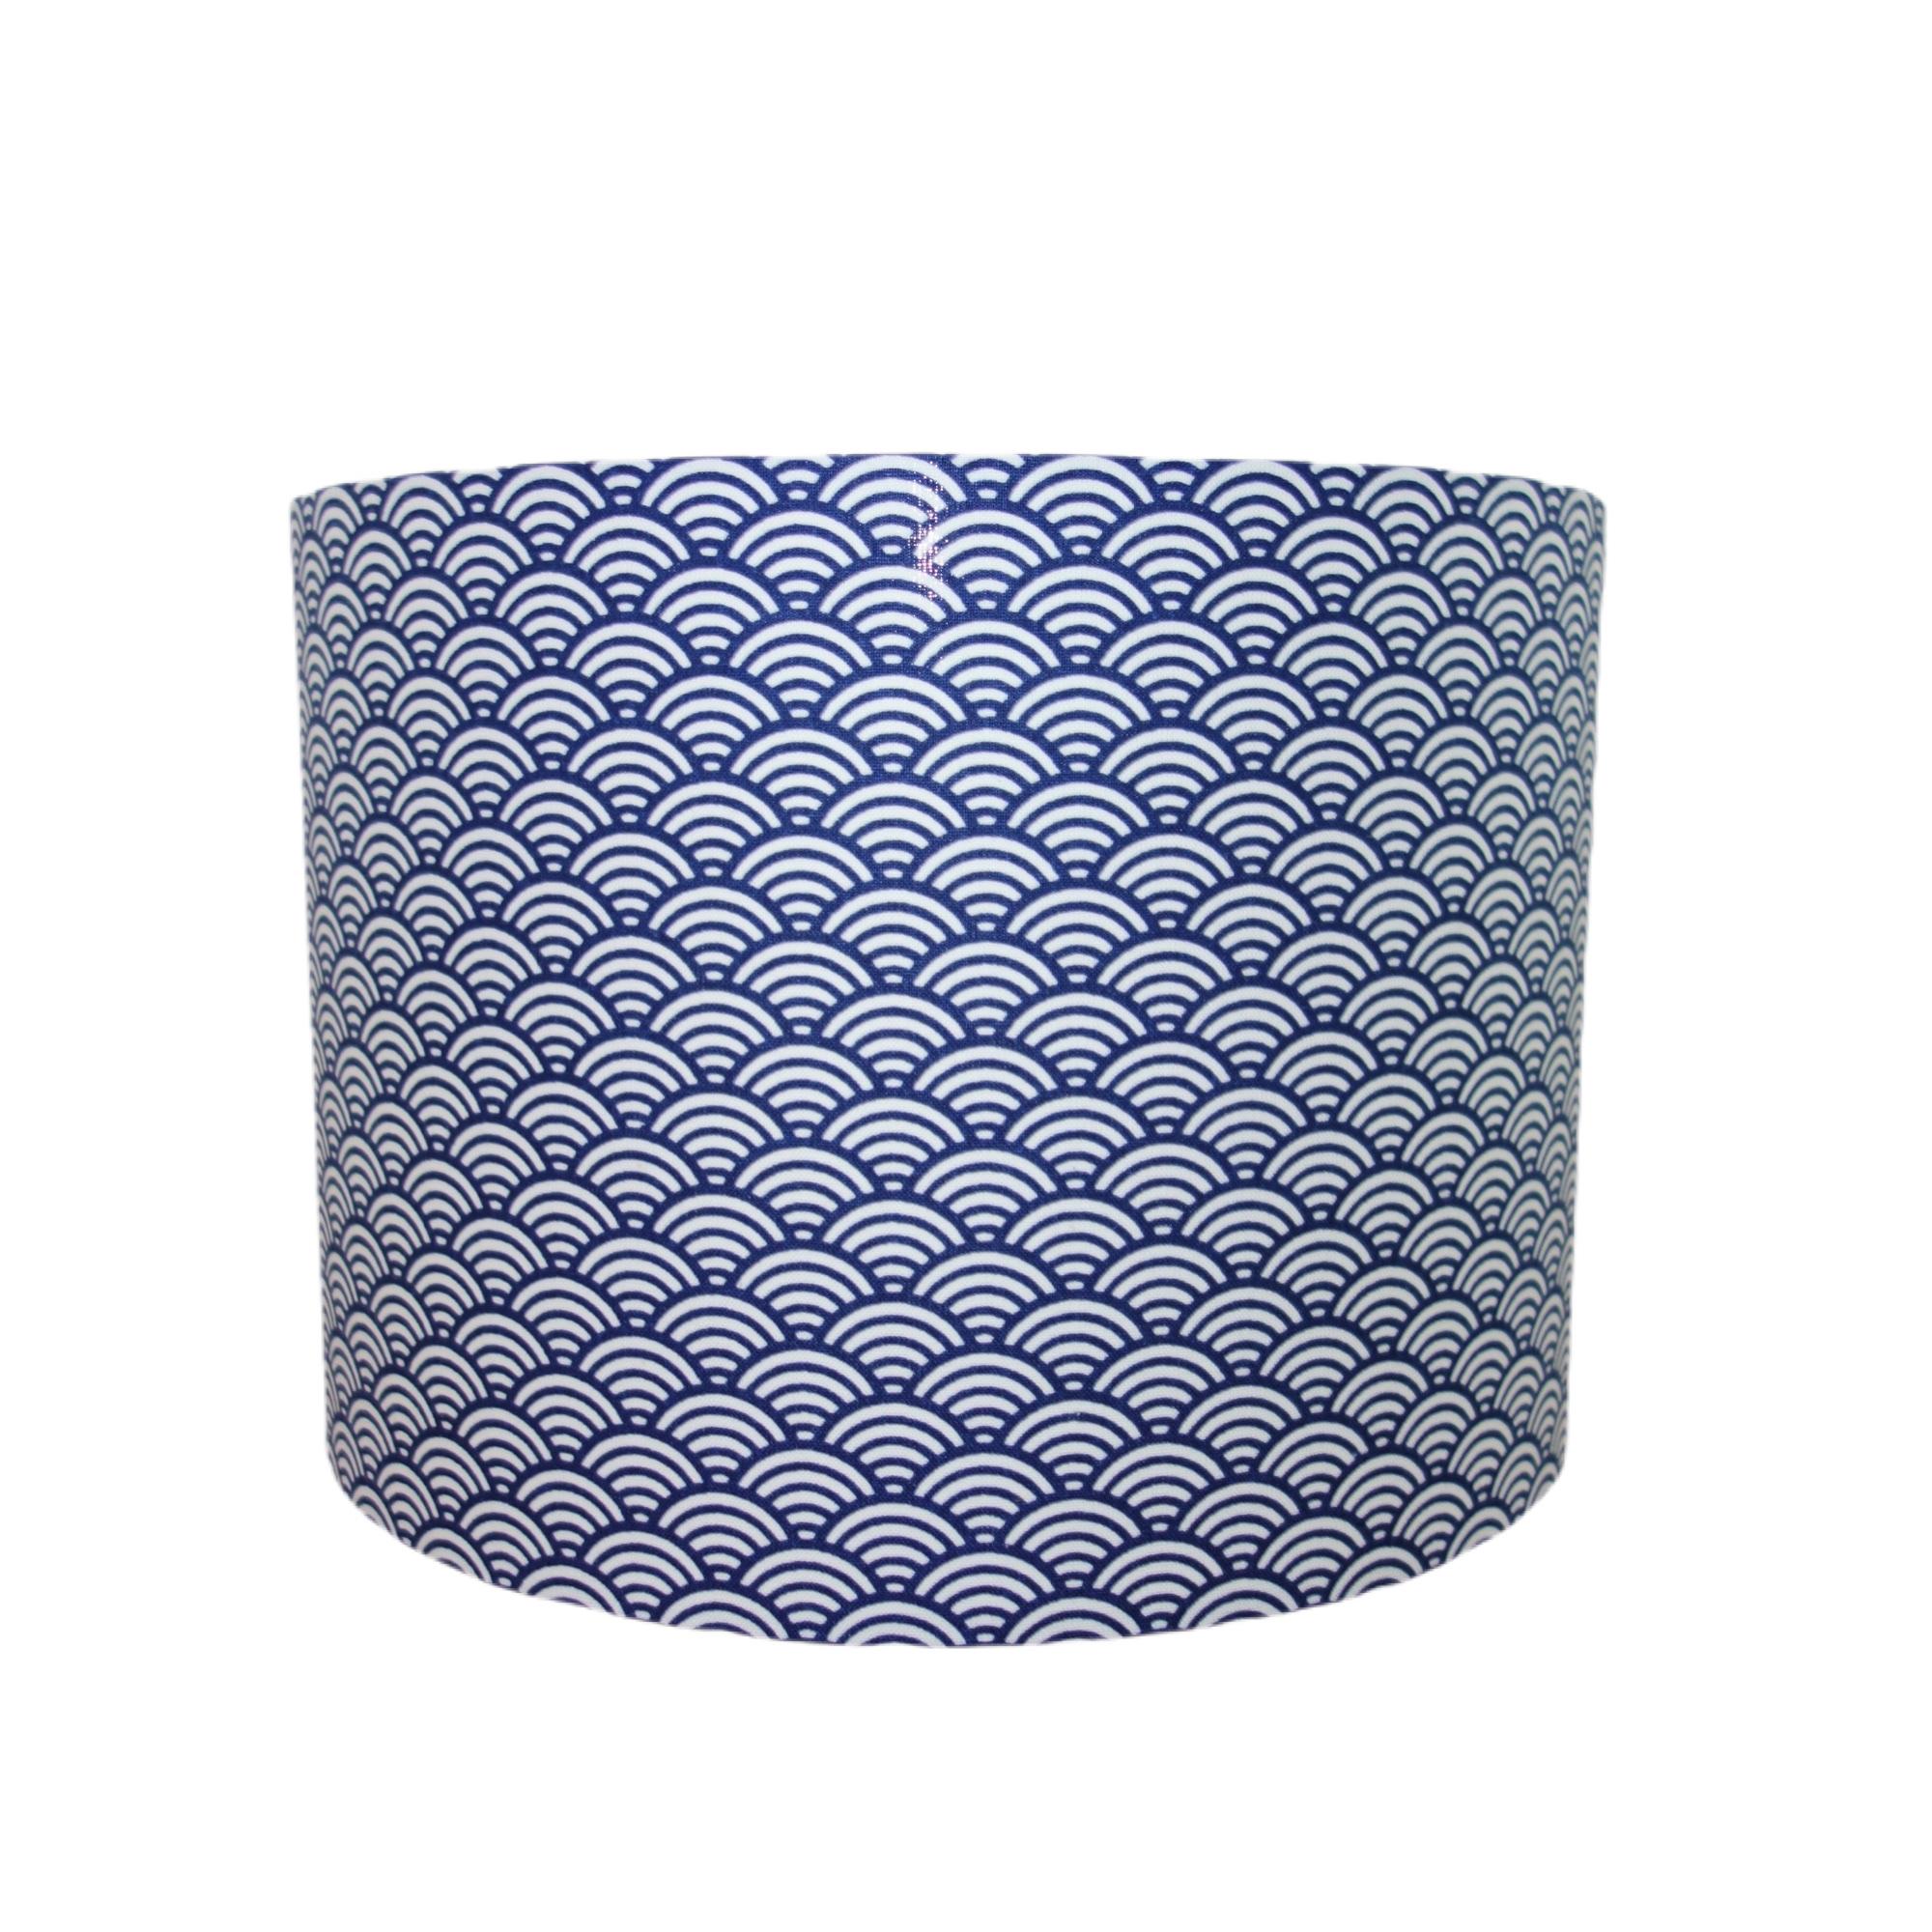 Suspension vague bleu marine diamètre 30 cm